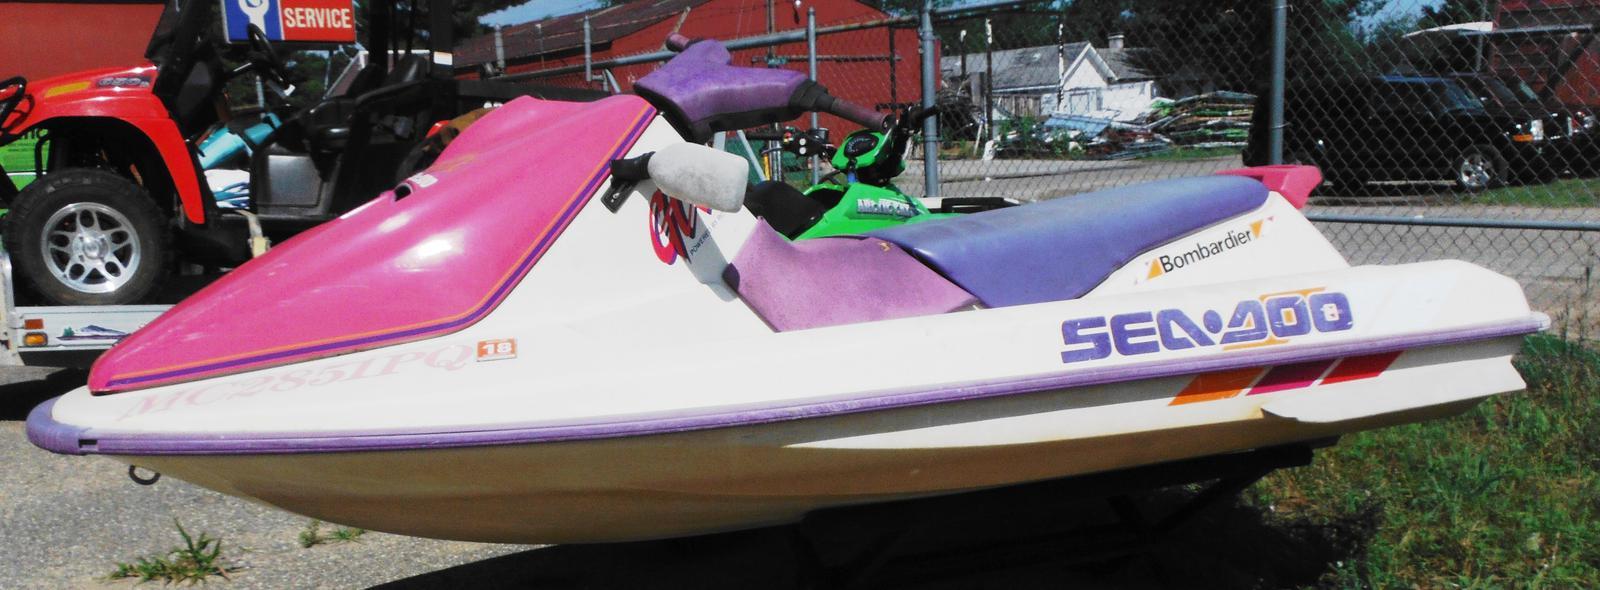 Sea Doo Bombardier >> 1993 Sea Doo Sport Boats Gtx 5861 For Sale In Saint Helen Mi St